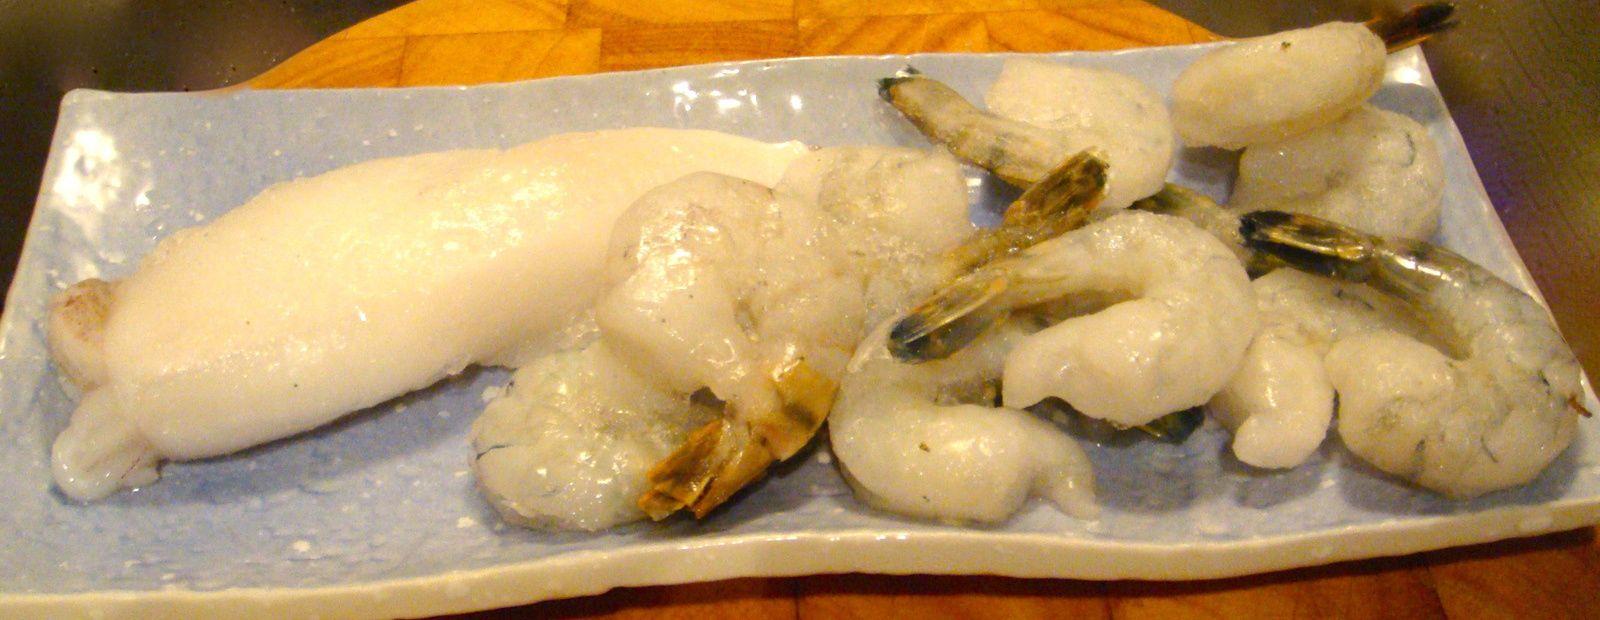 Calamar et crevettes